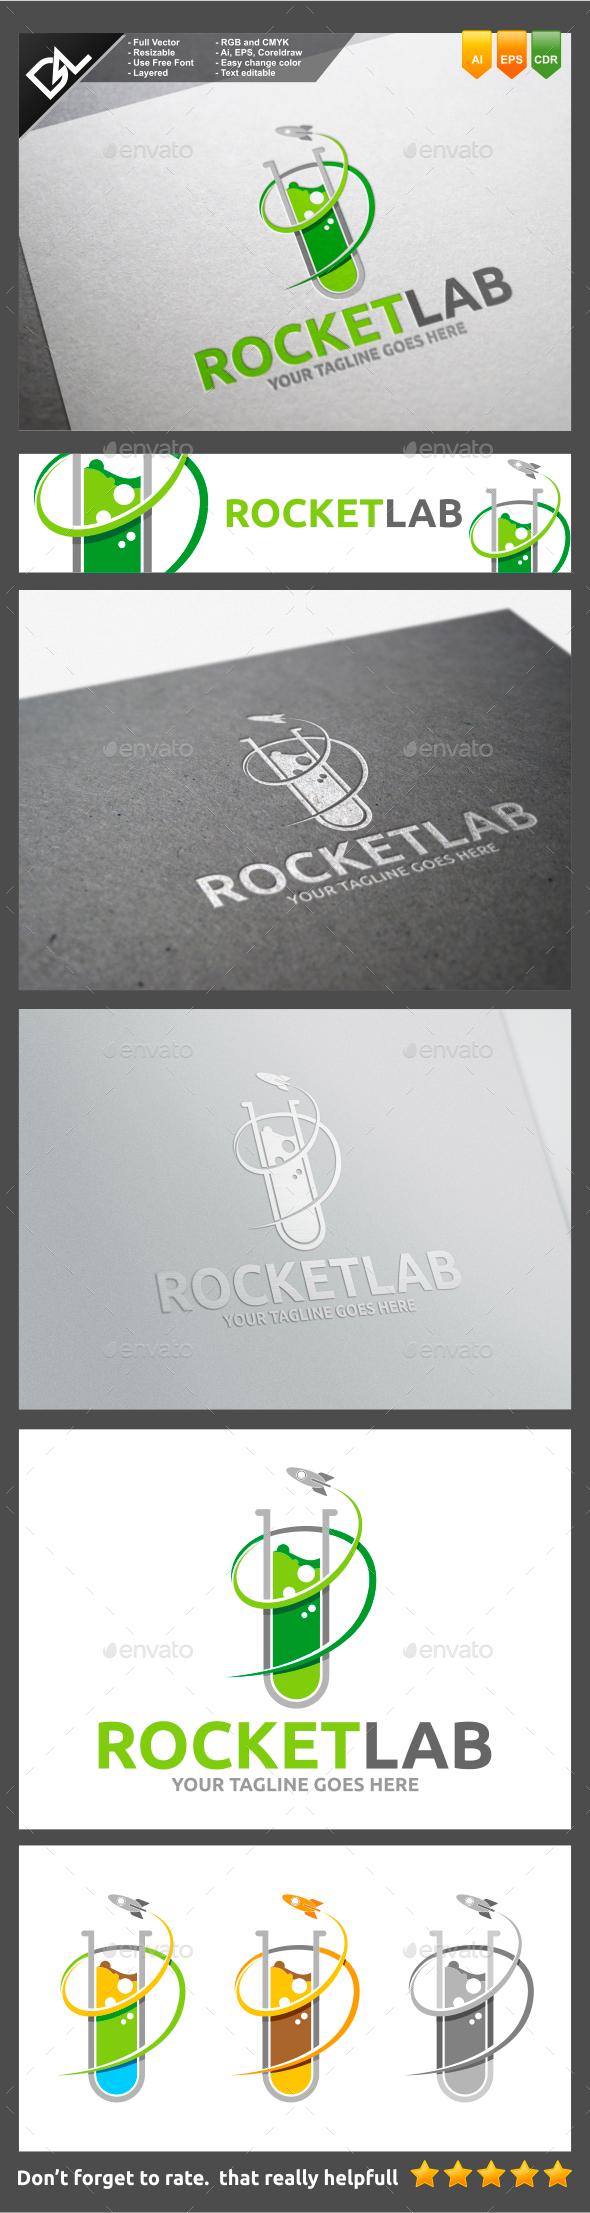 GraphicRiver Rocket Lab 11000219